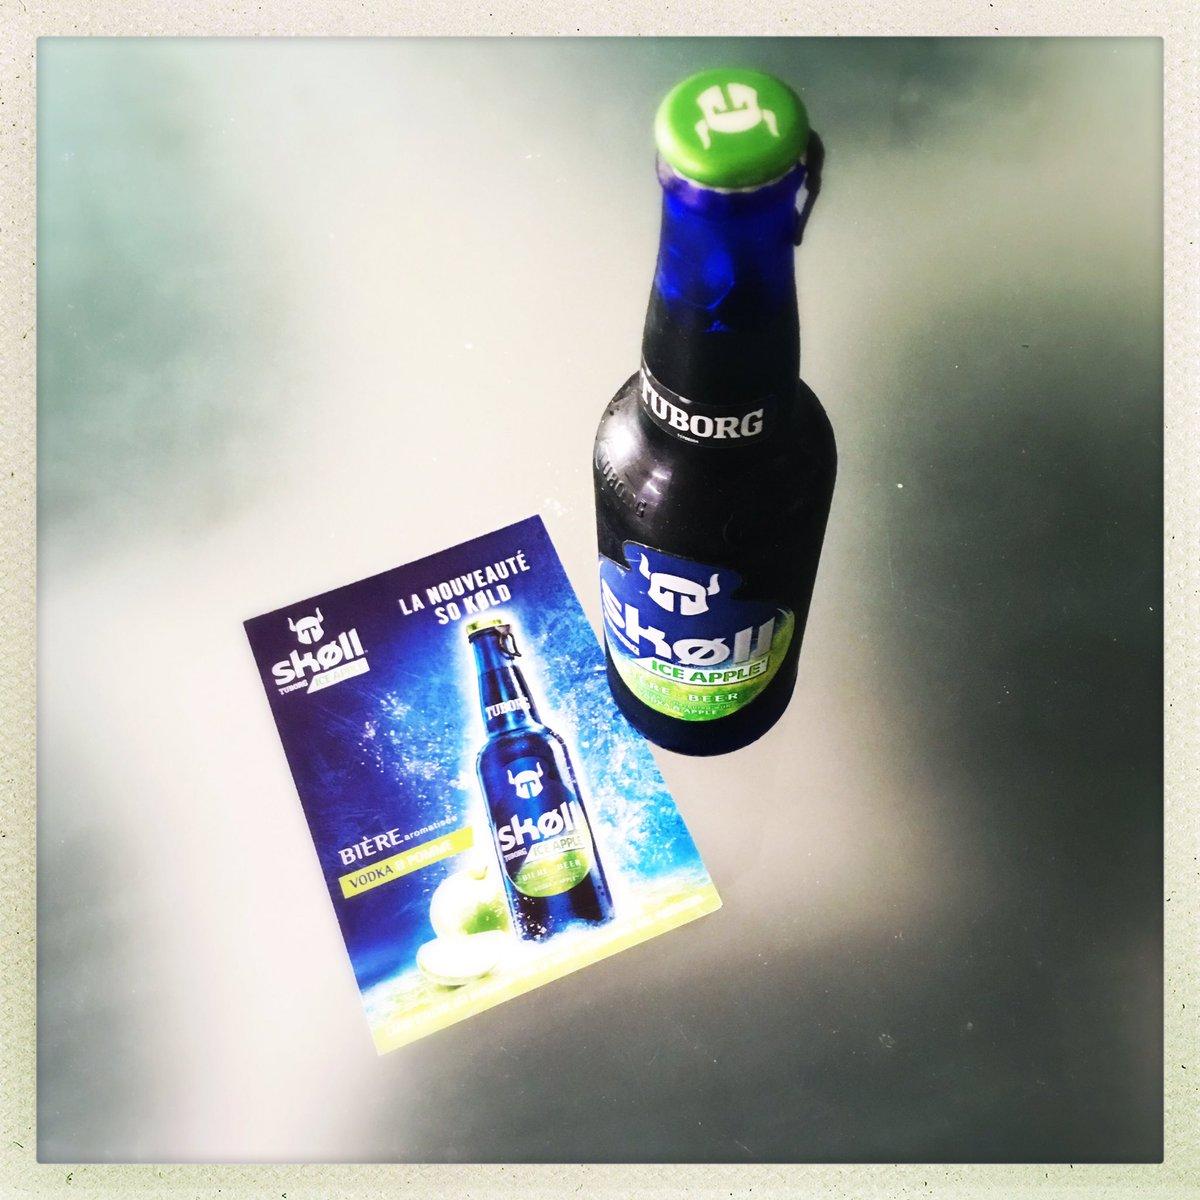 #skollSampleo Le packaging est sympa les couleurs claquent bien voyons donc en bouche ;) j'attends @mirea_cha https://t.co/bZ72EjN6KG